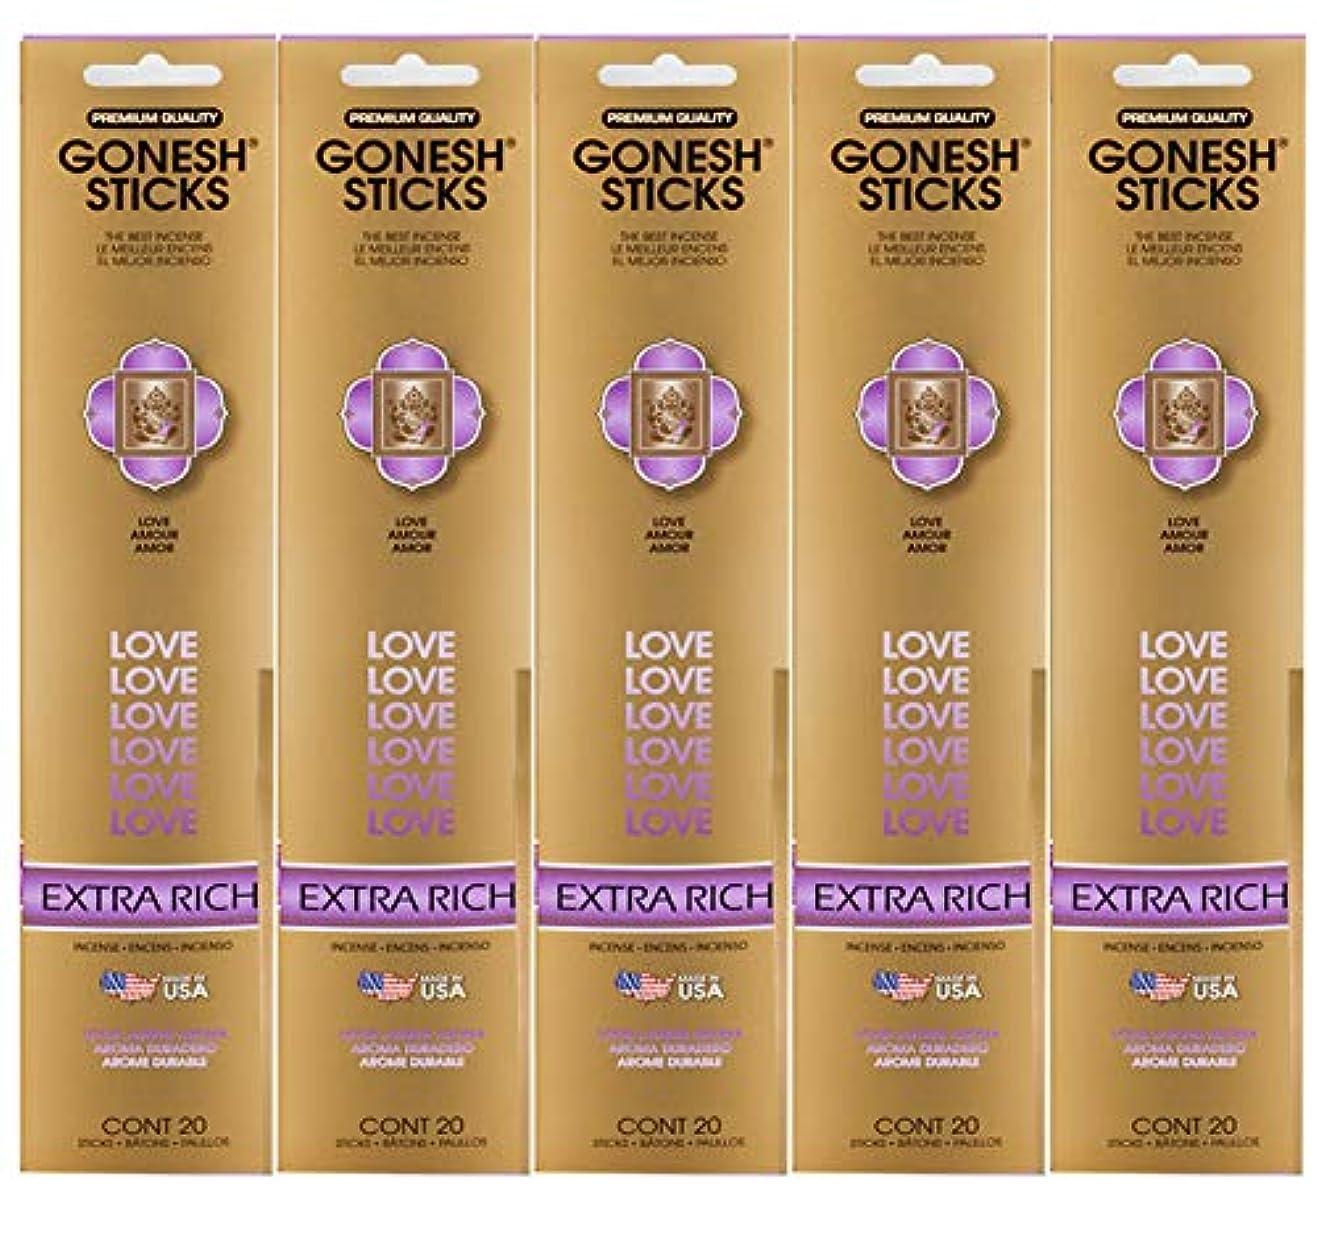 米国円形の新しい意味Gonesh お香スティック エクストラリッチコレクション – Love 5パック(合計100)